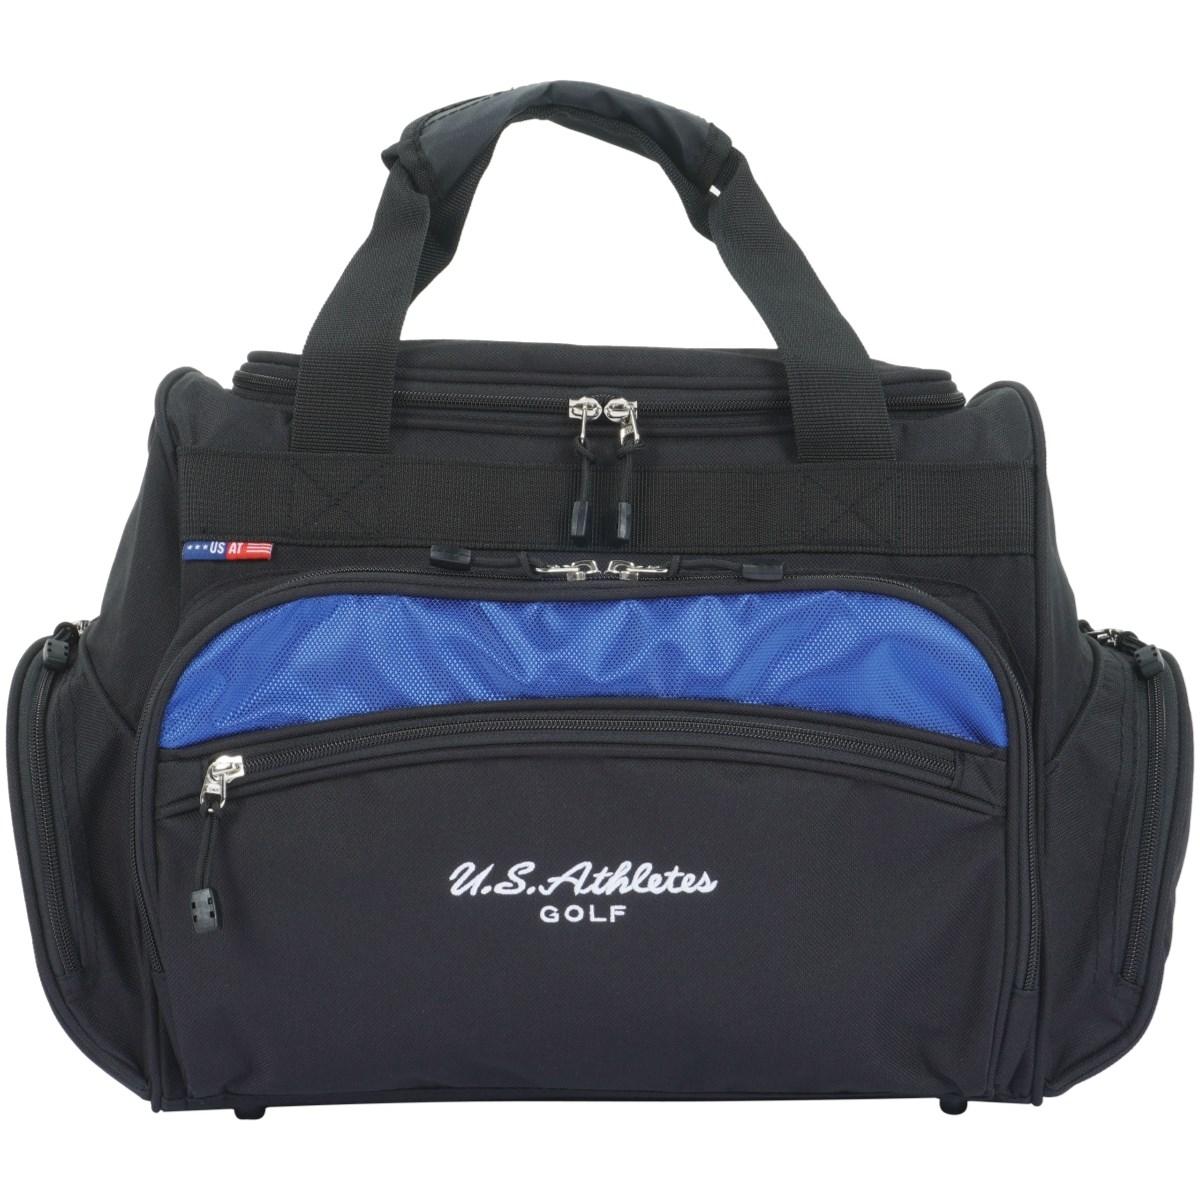 USアスリート ボストンバッグ USBB-2203 ブラック/ブルー